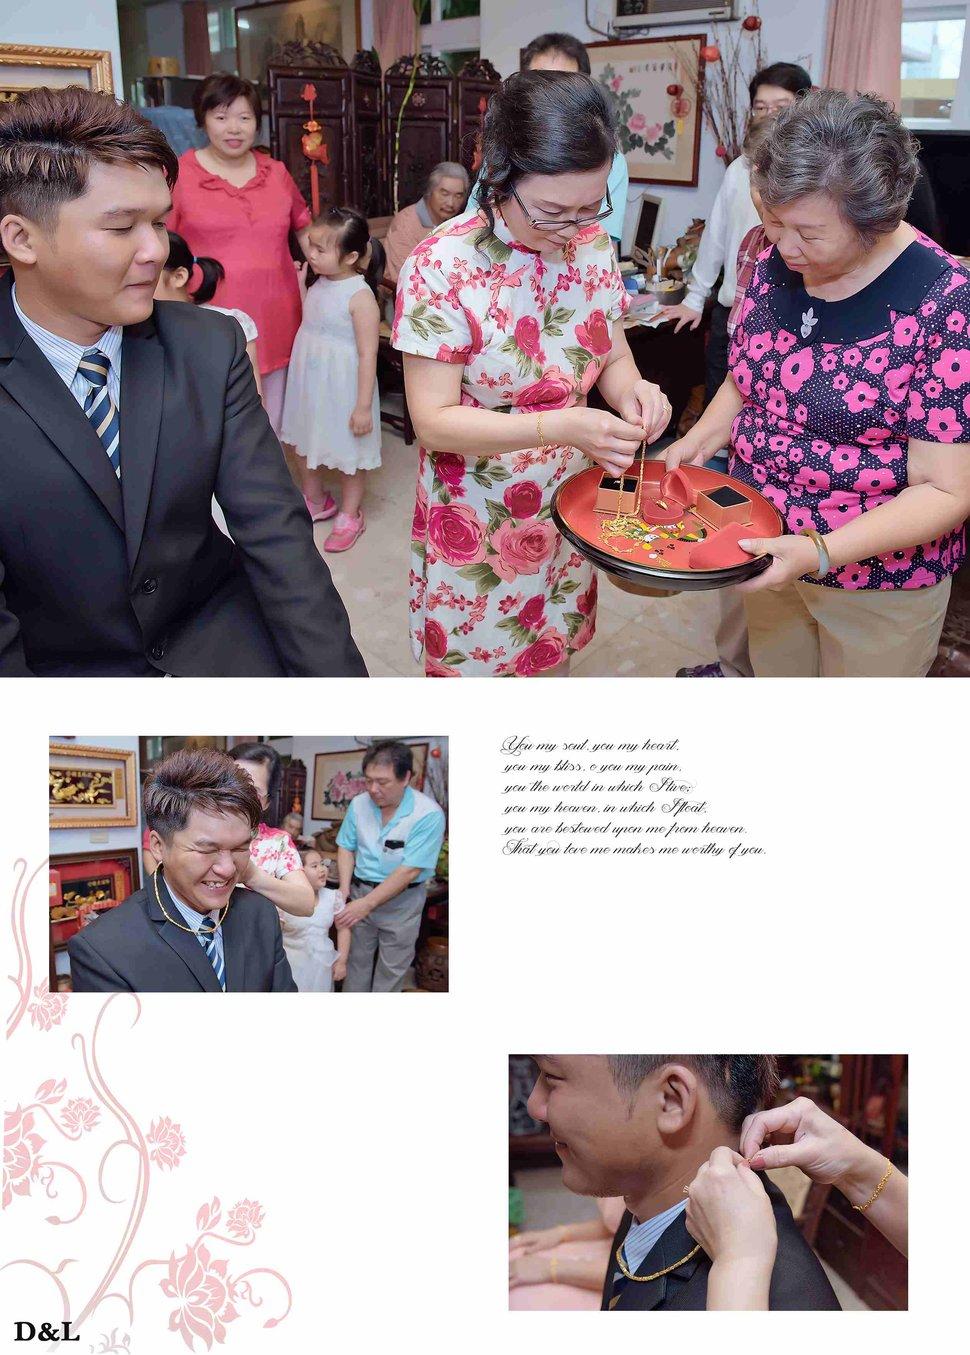 苗栗婚攝 婚禮記錄 俊明&少怡 欣桂竹園餐廳(編號:248809) - D&L 婚禮事務-婚紗攝影/婚禮記錄 - 結婚吧